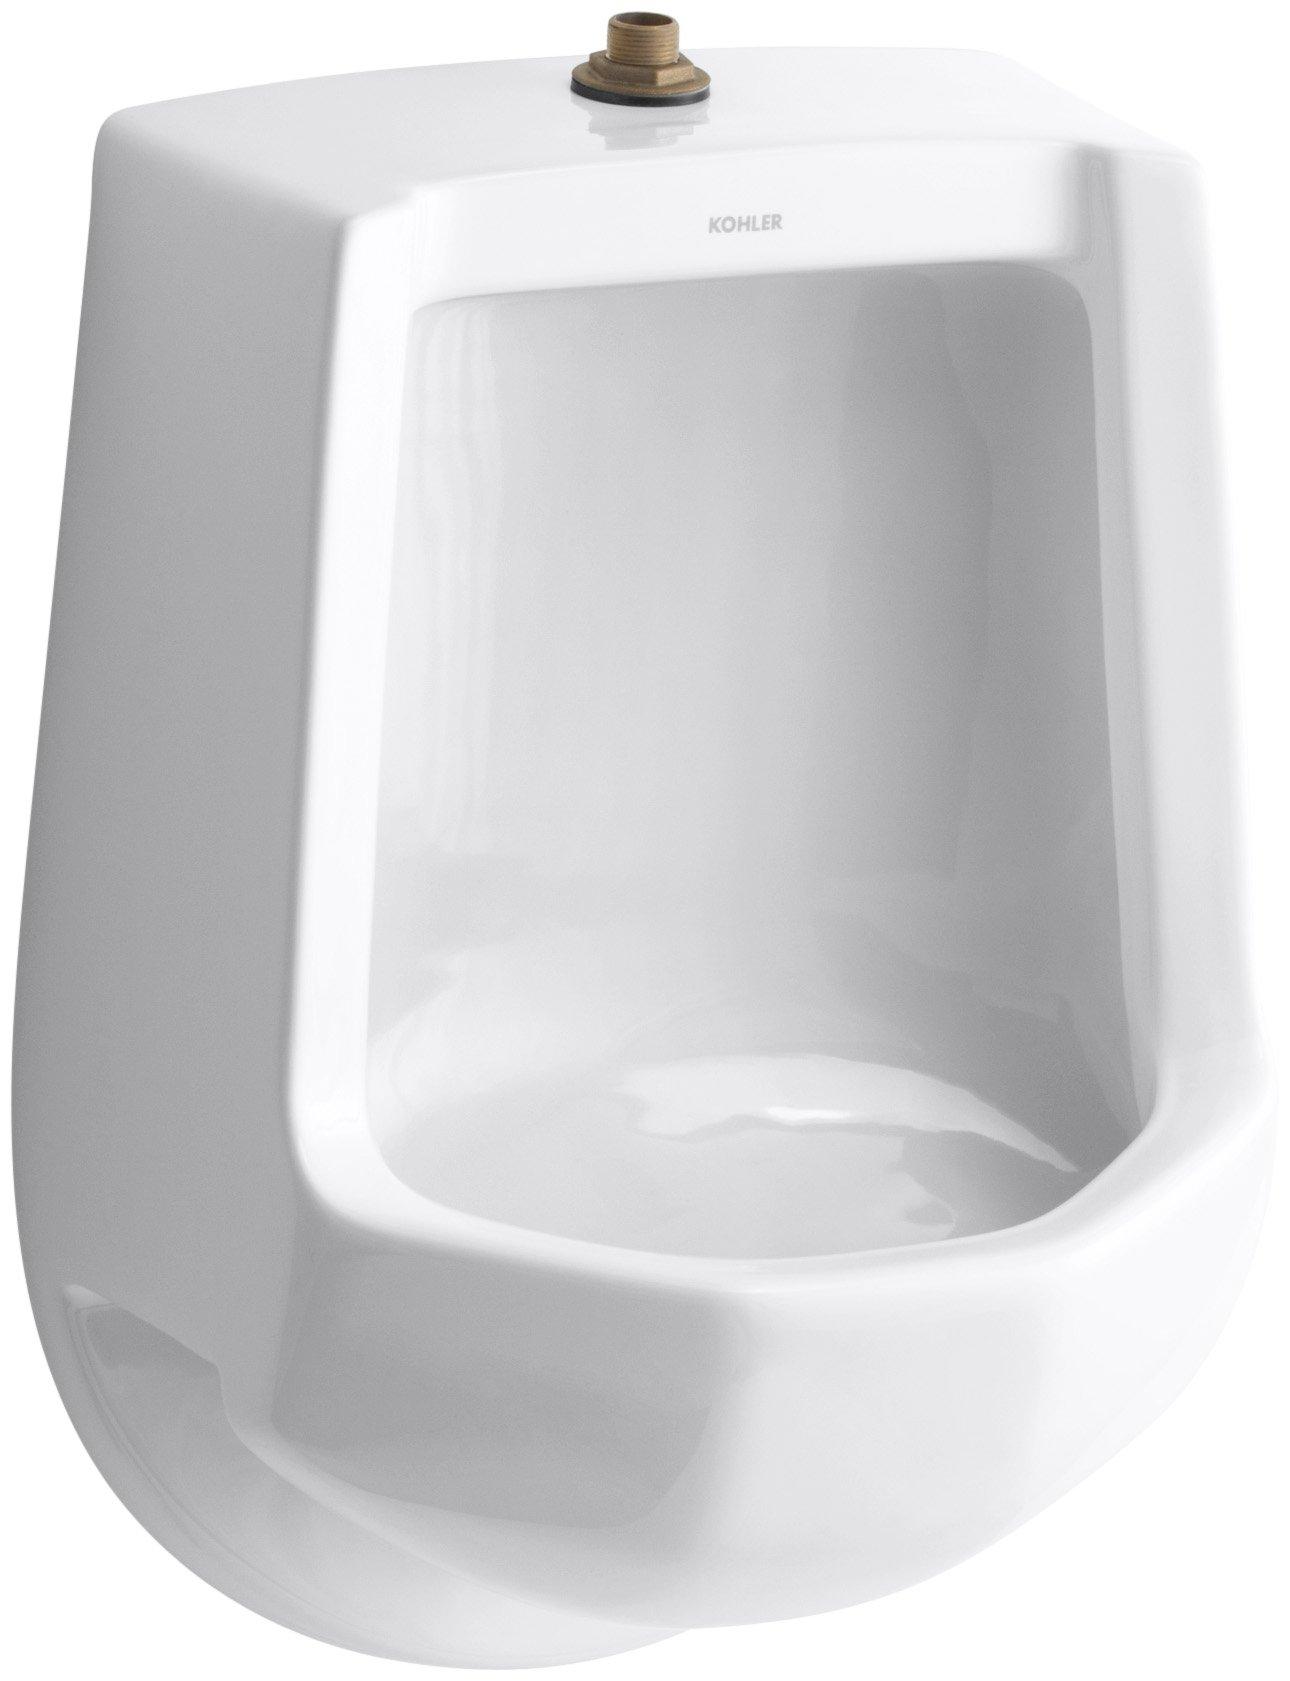 KOHLER K-4989-T-0 Freshman Urinal, White by Kohler